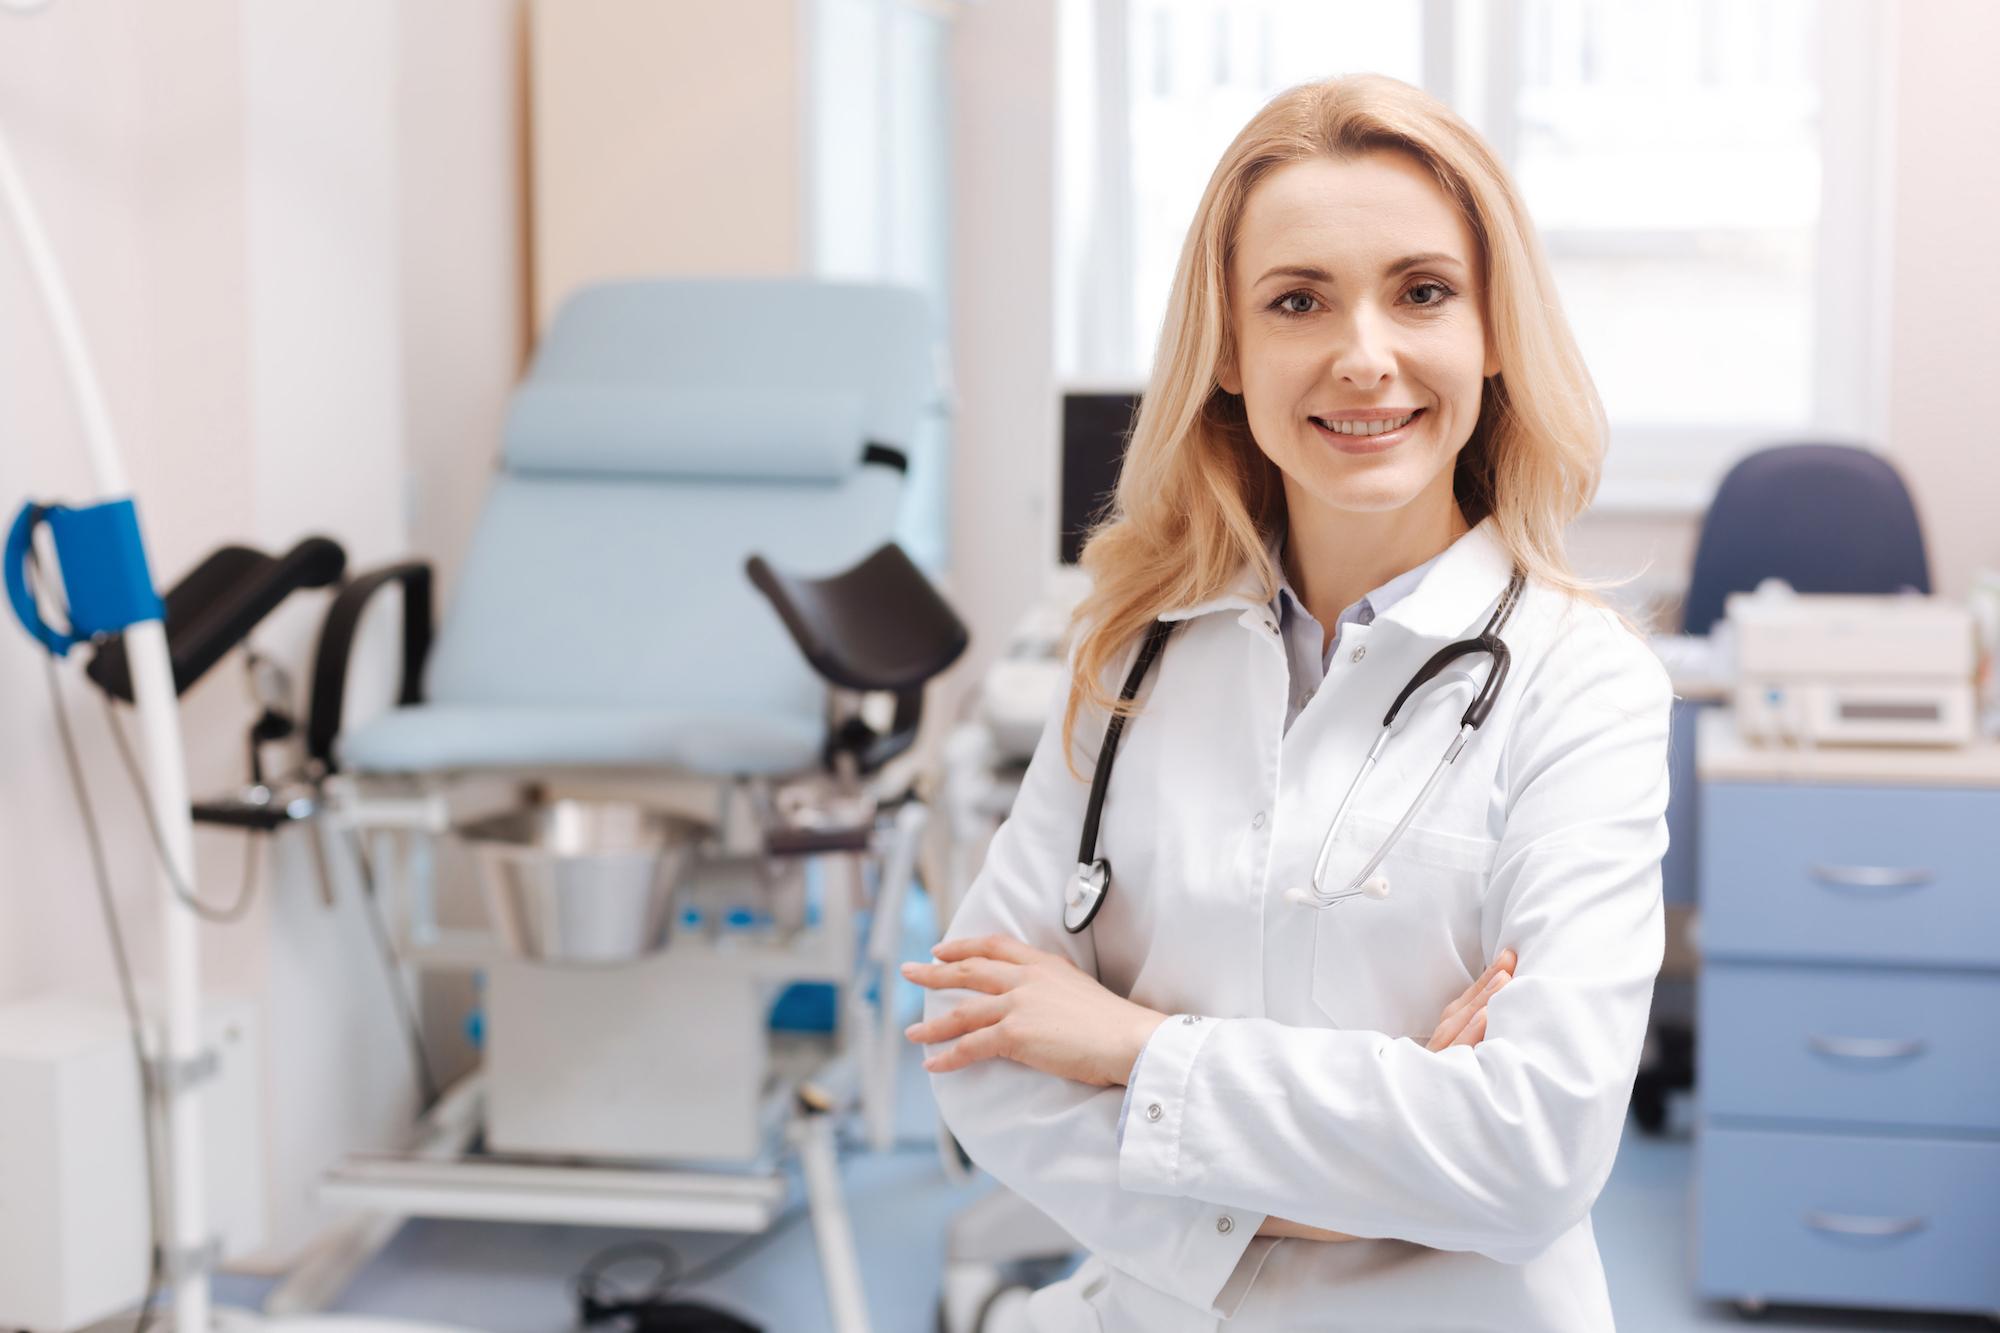 Гинеколог - женский врач, занимается диагностикой и лечением патологий мочеполовой системы, а также сопровождает беременность